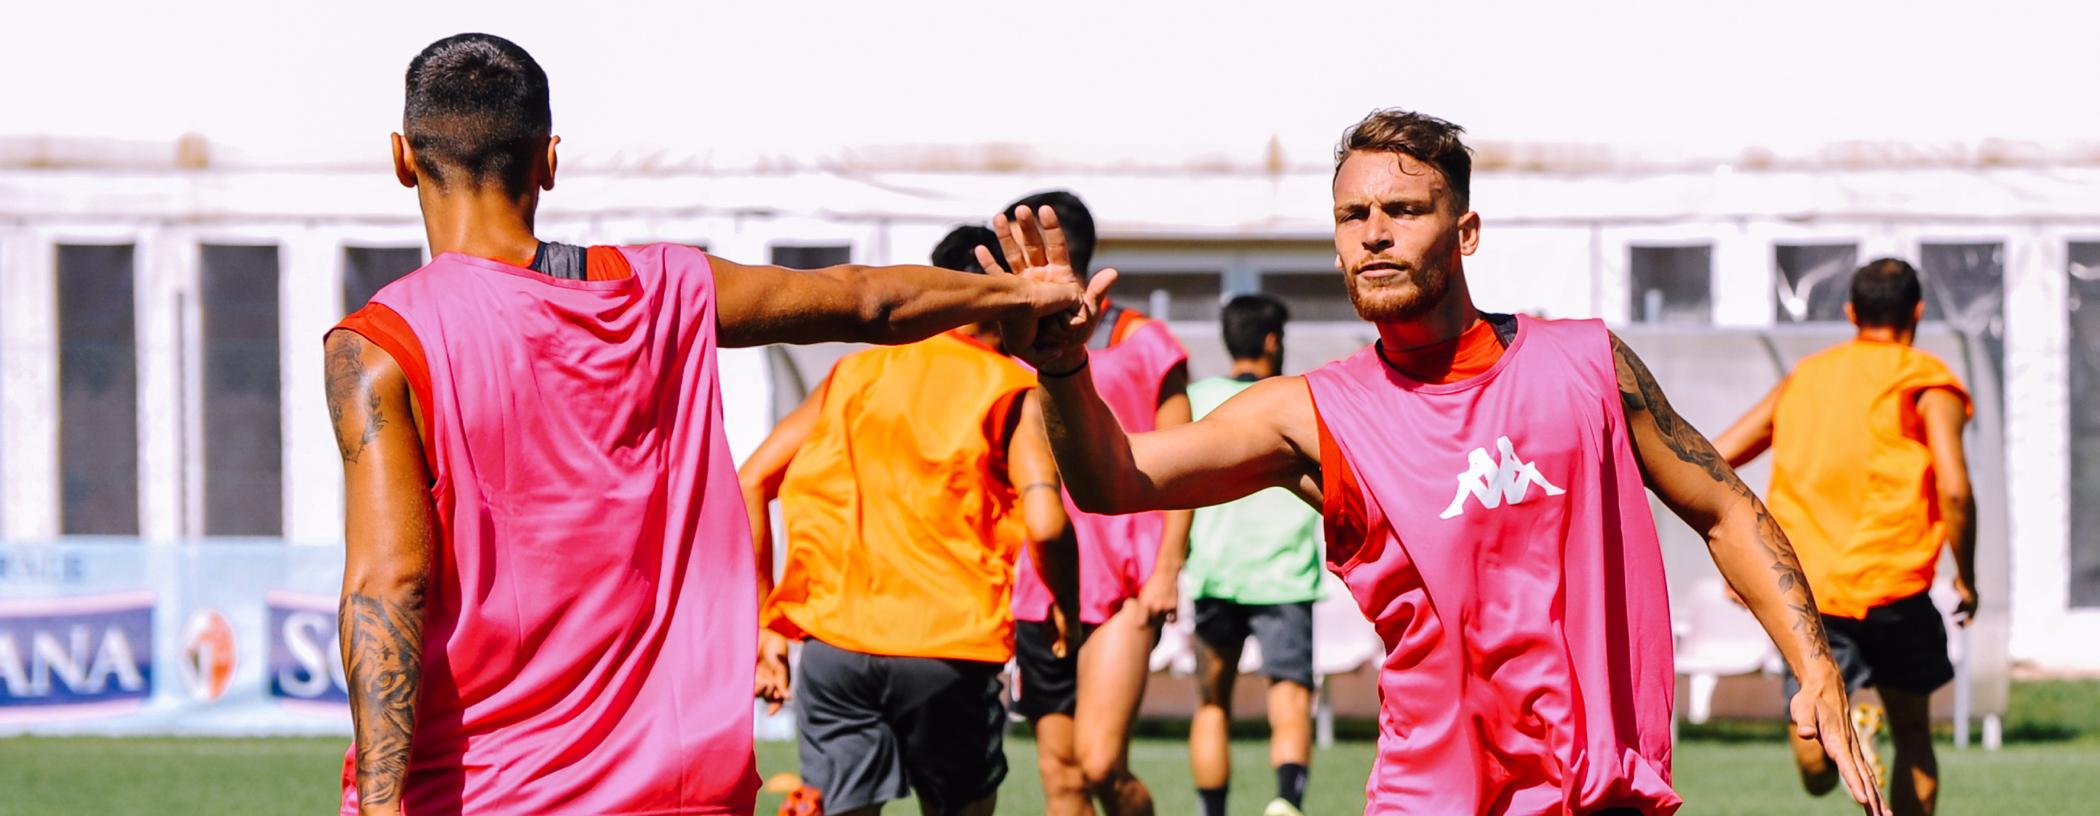 Ufficiale: Romero in prestito al Potenza, Esposito alla Juve Stabia 1604-441M812VpP63GbDAaEN6